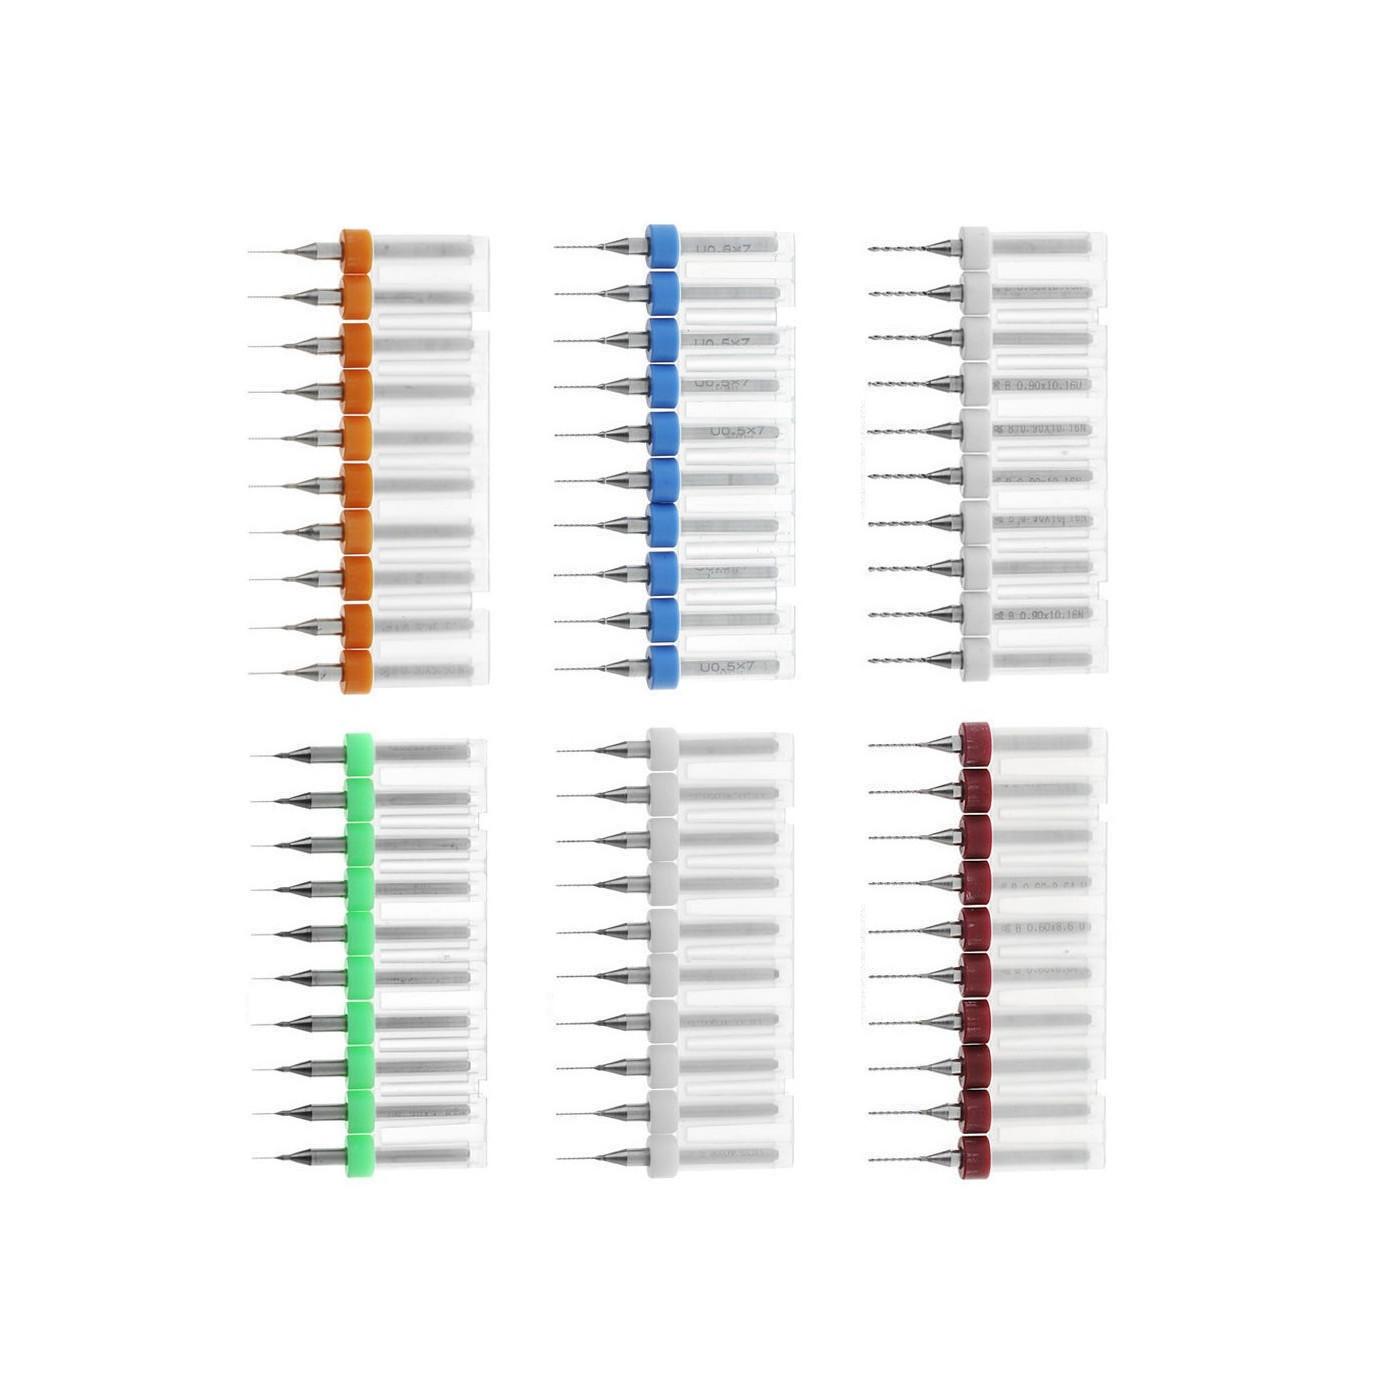 Ensemble de 10 micro forets dans une boîte (0,95 mm)